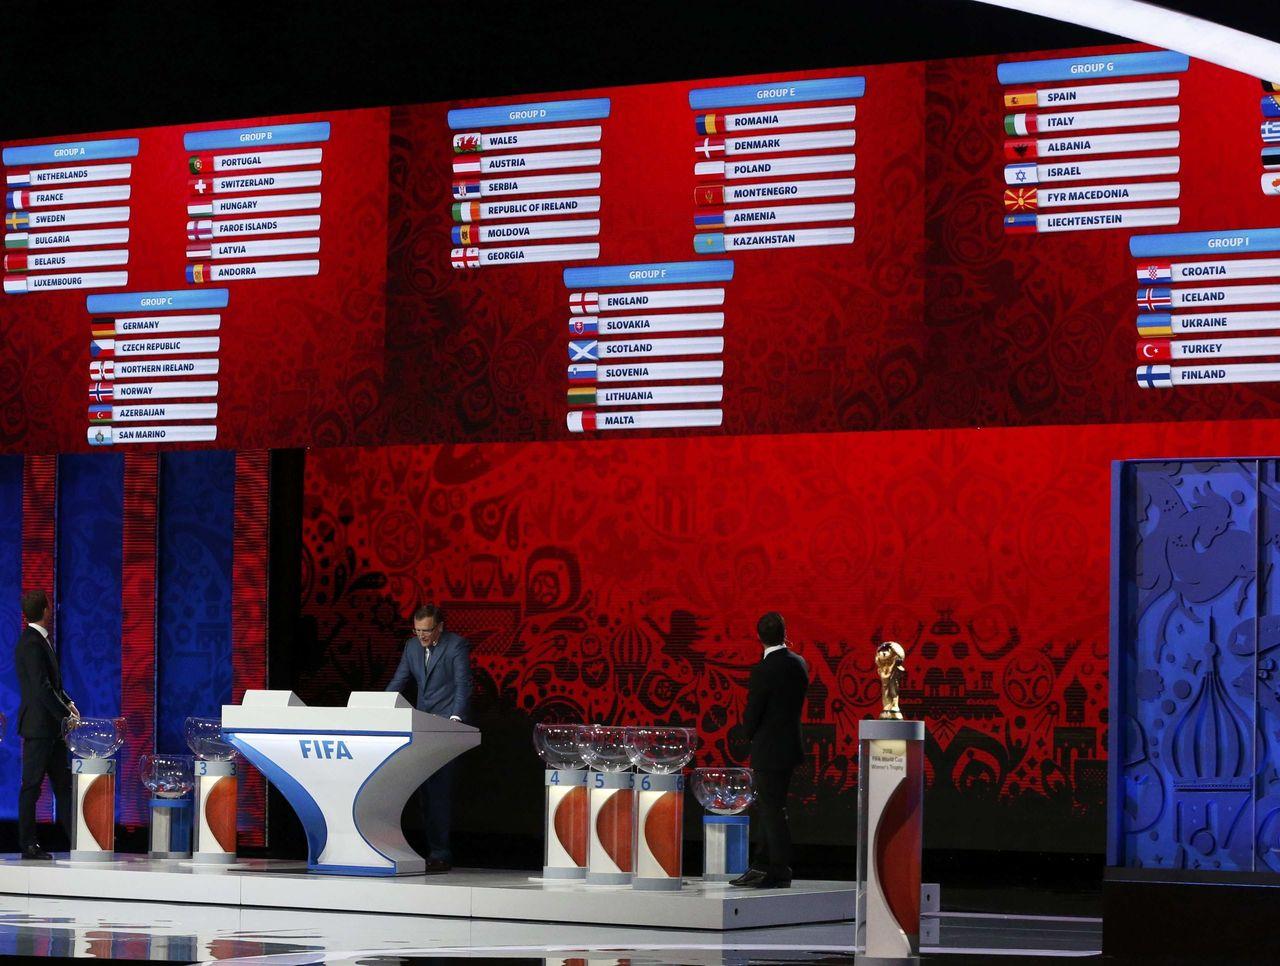 رسمياً … المنتخبات التي ستخوض الملحق الأوروبي